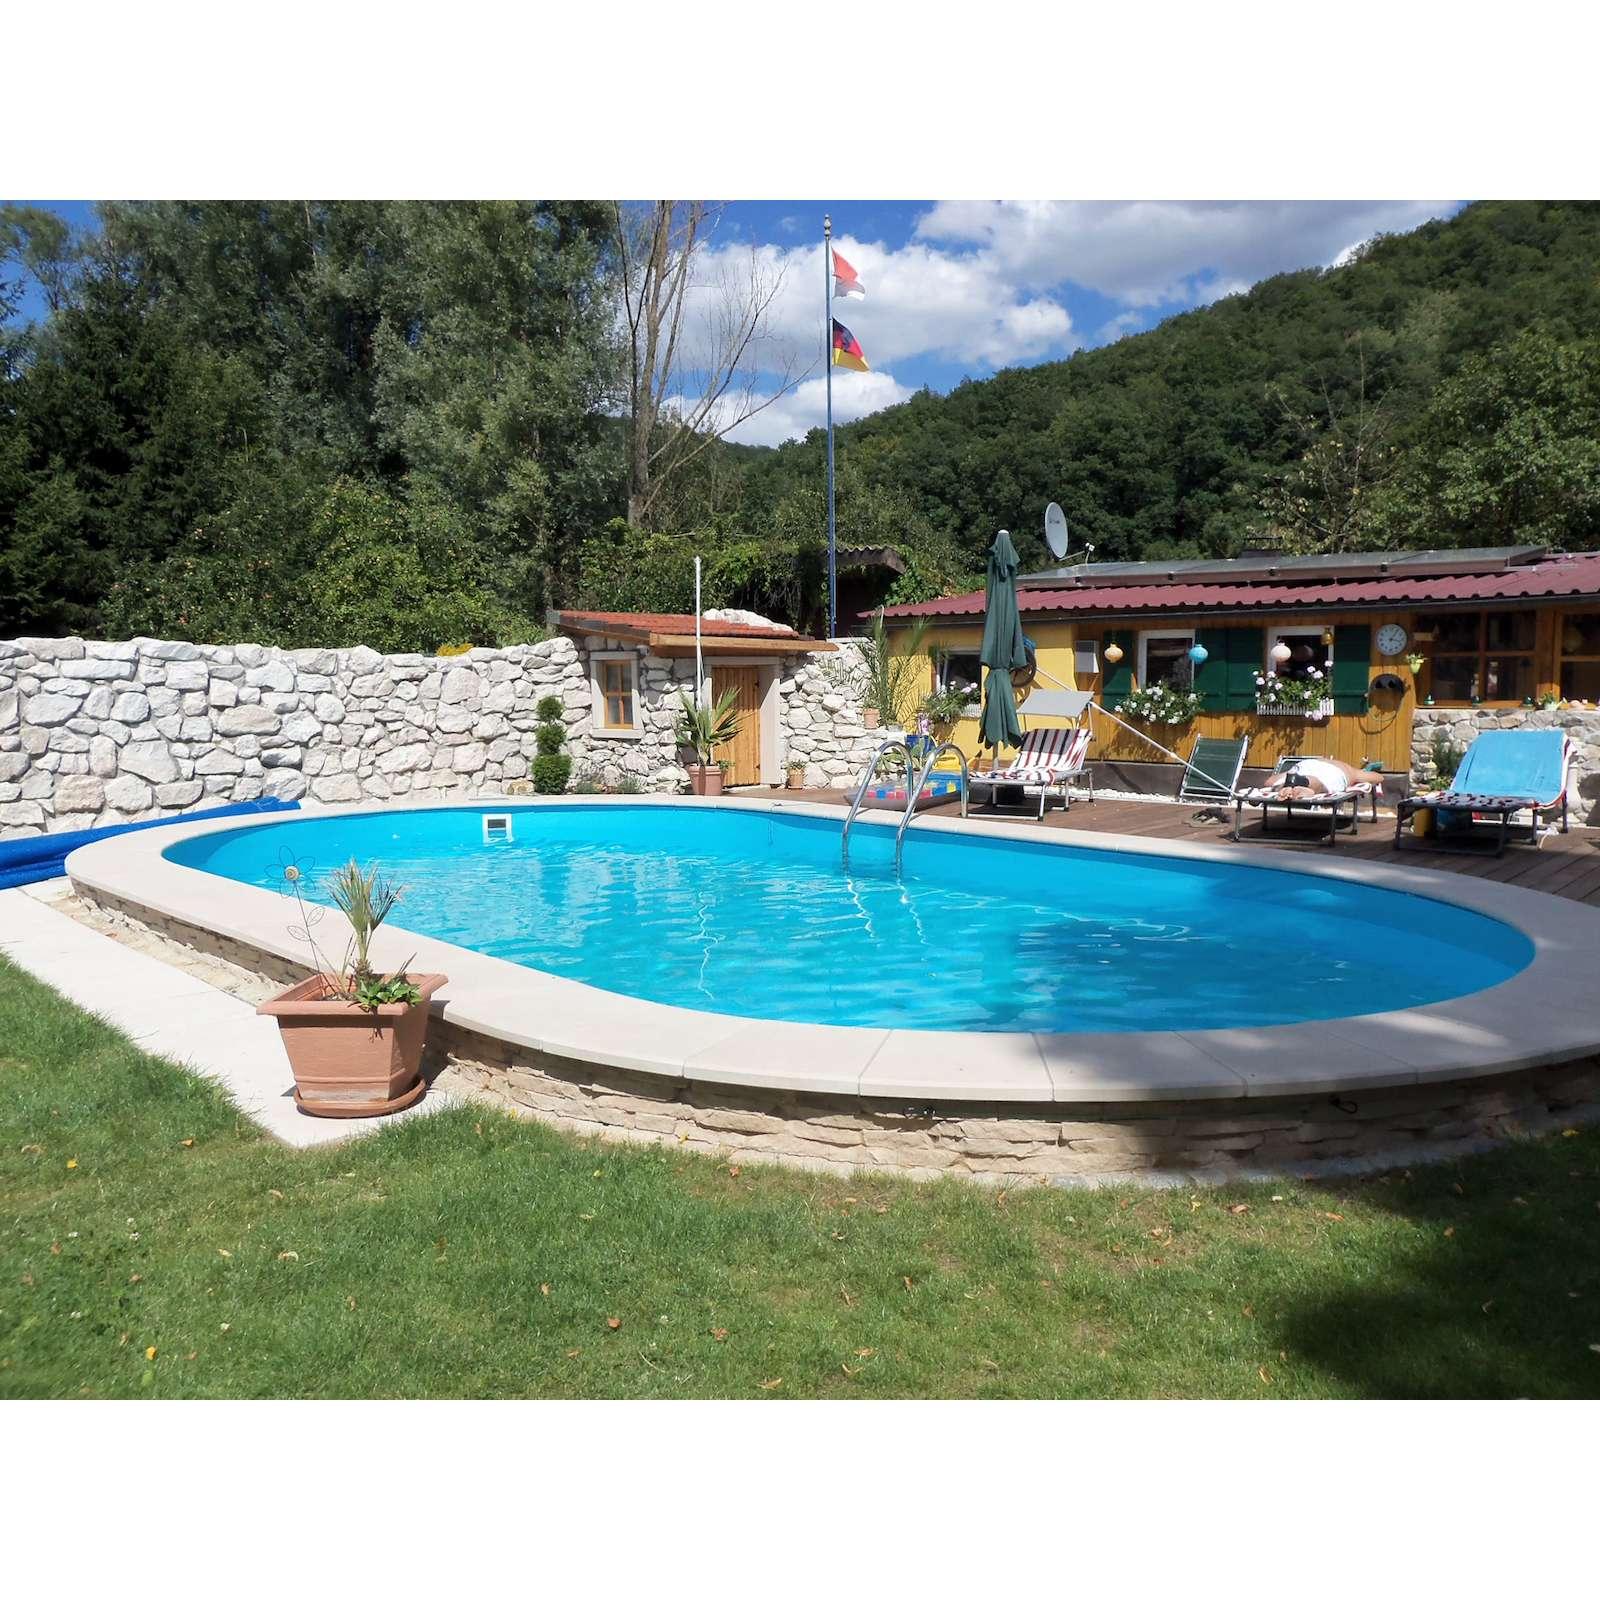 pool schwimmbecken oval stahlwand 3 gr en h he 120 cm. Black Bedroom Furniture Sets. Home Design Ideas